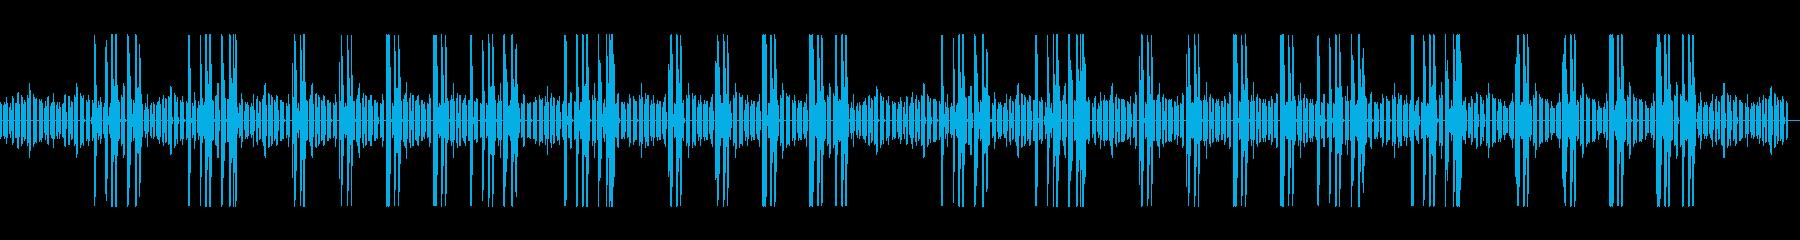 ほのぼのした生活の木琴とリコーダーの再生済みの波形